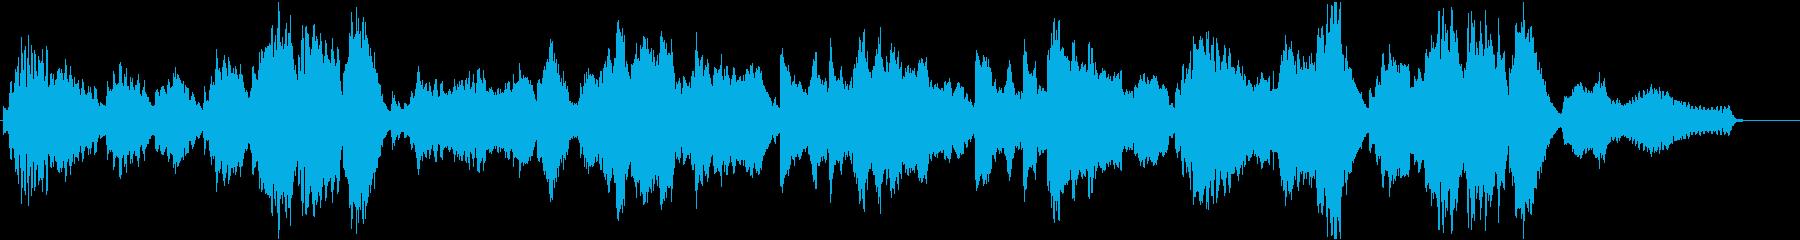 フルートとピアノによる透明感あるポップスの再生済みの波形